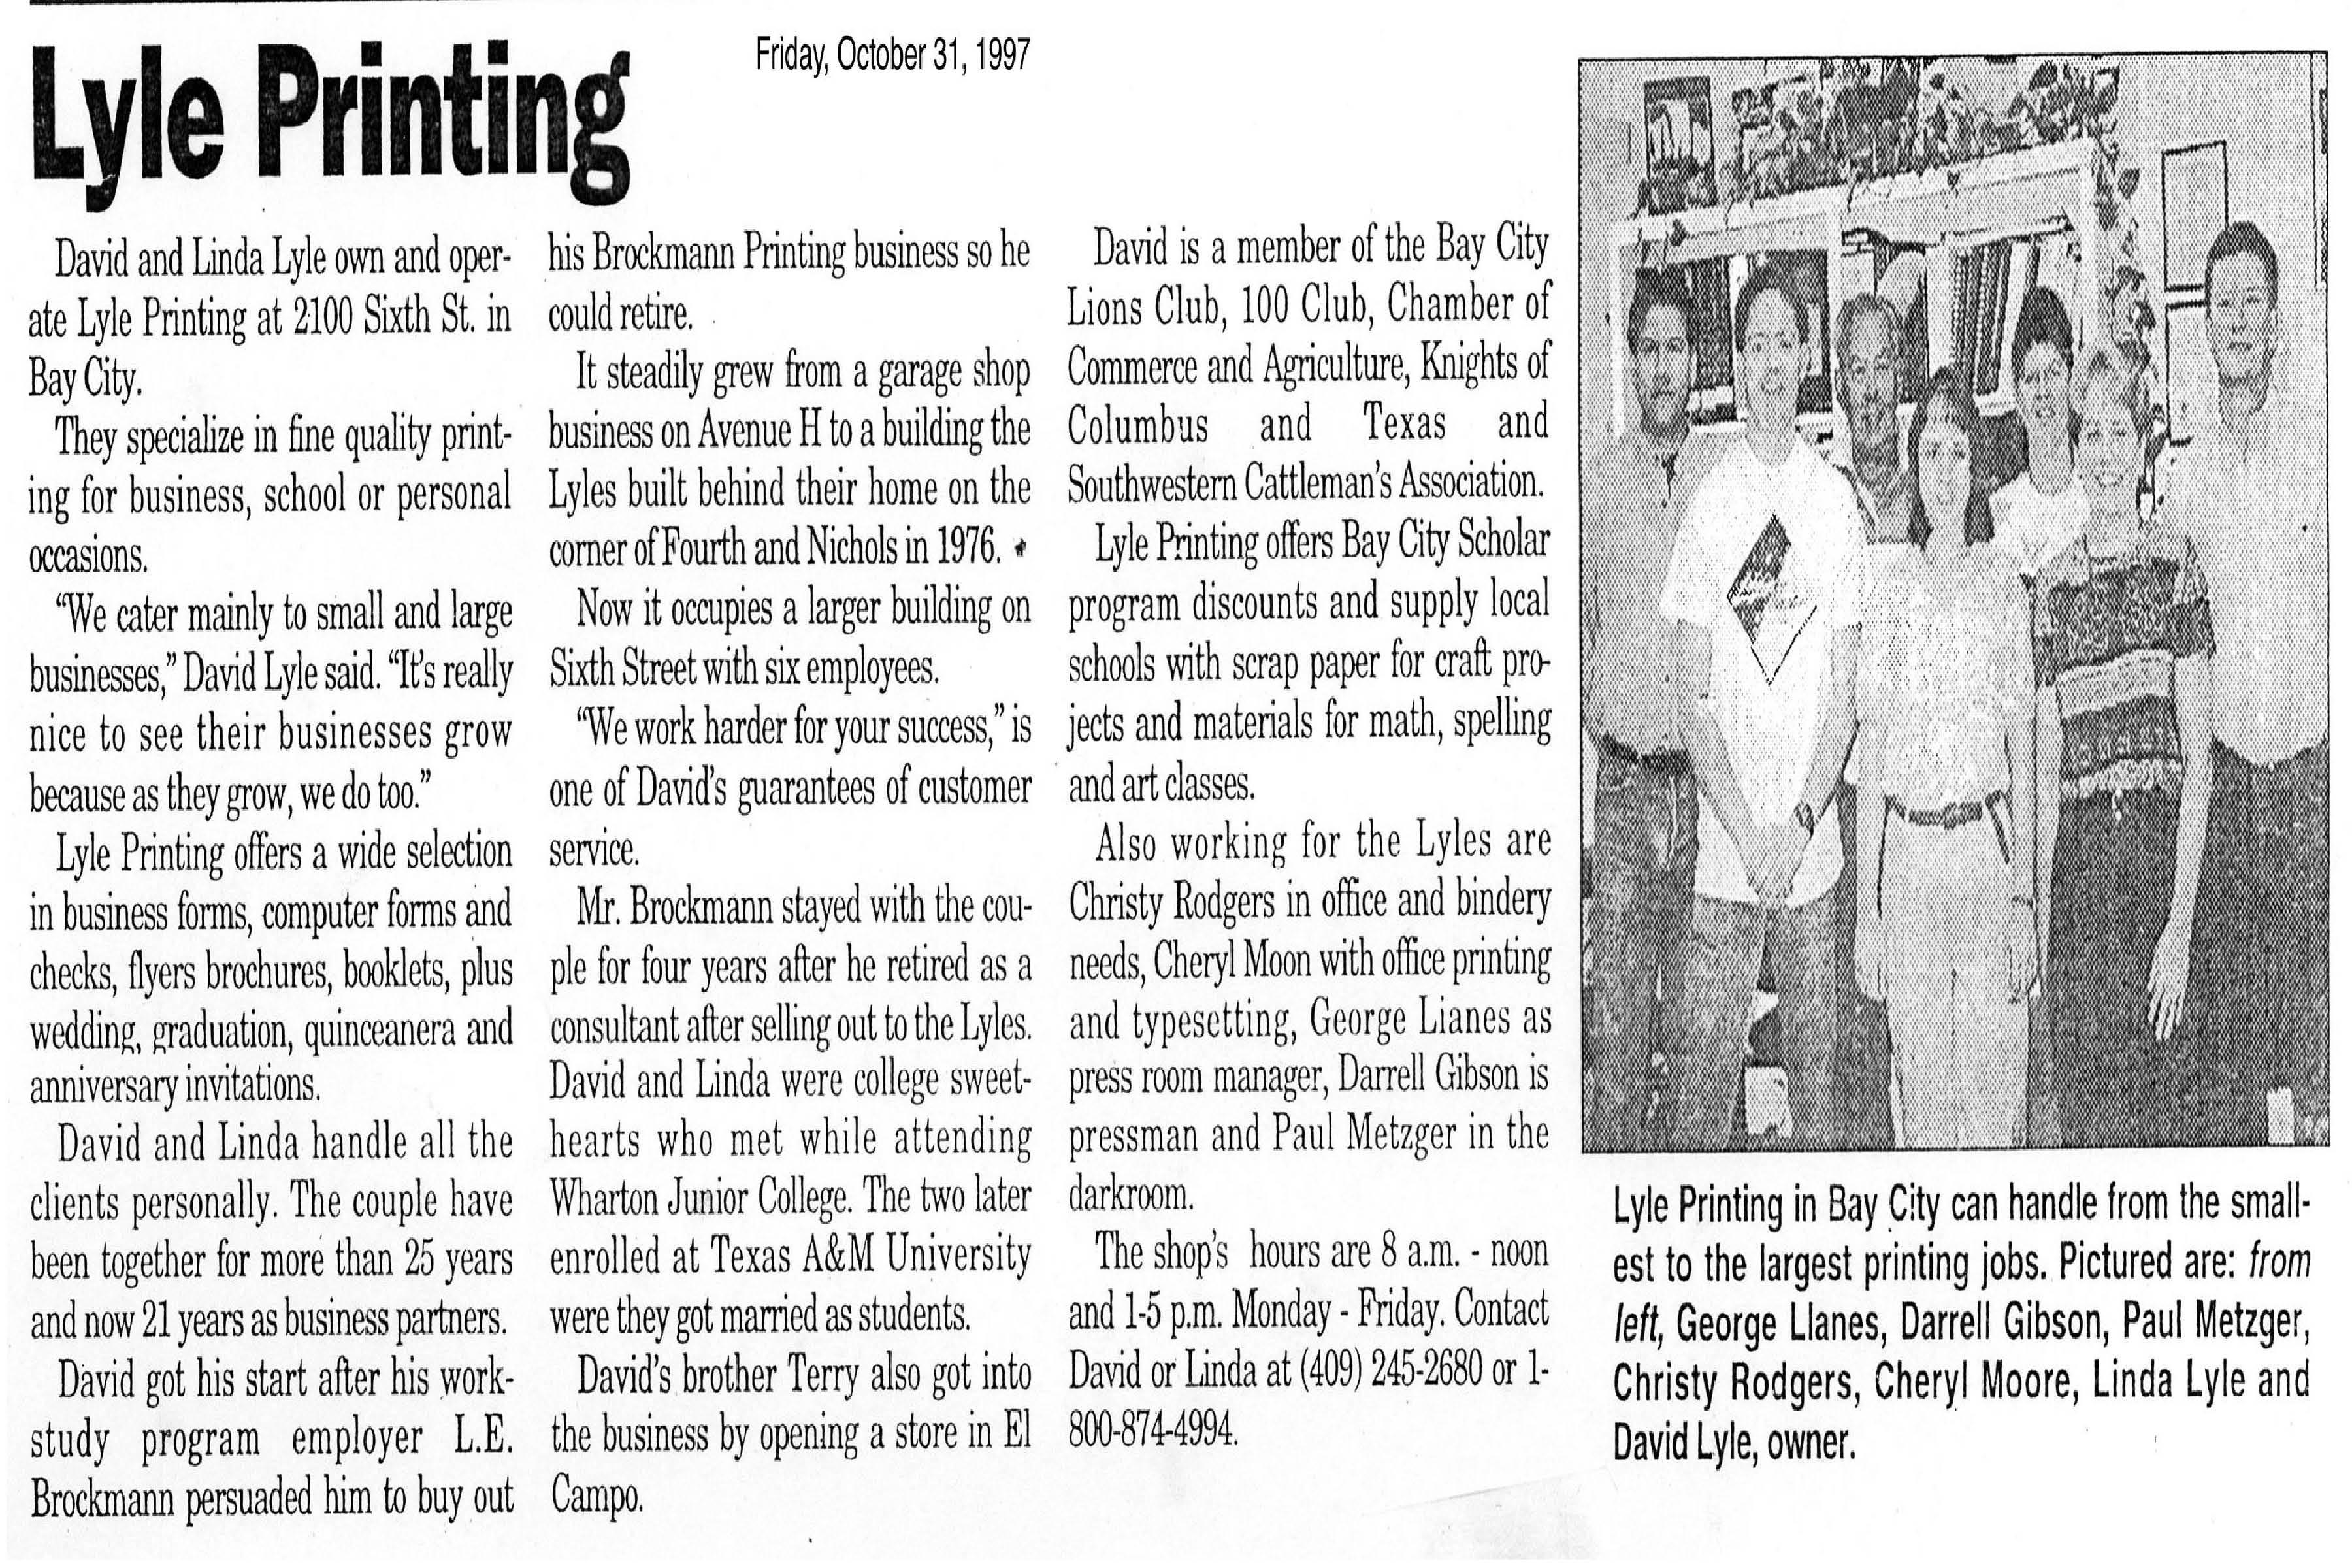 October 31,1997